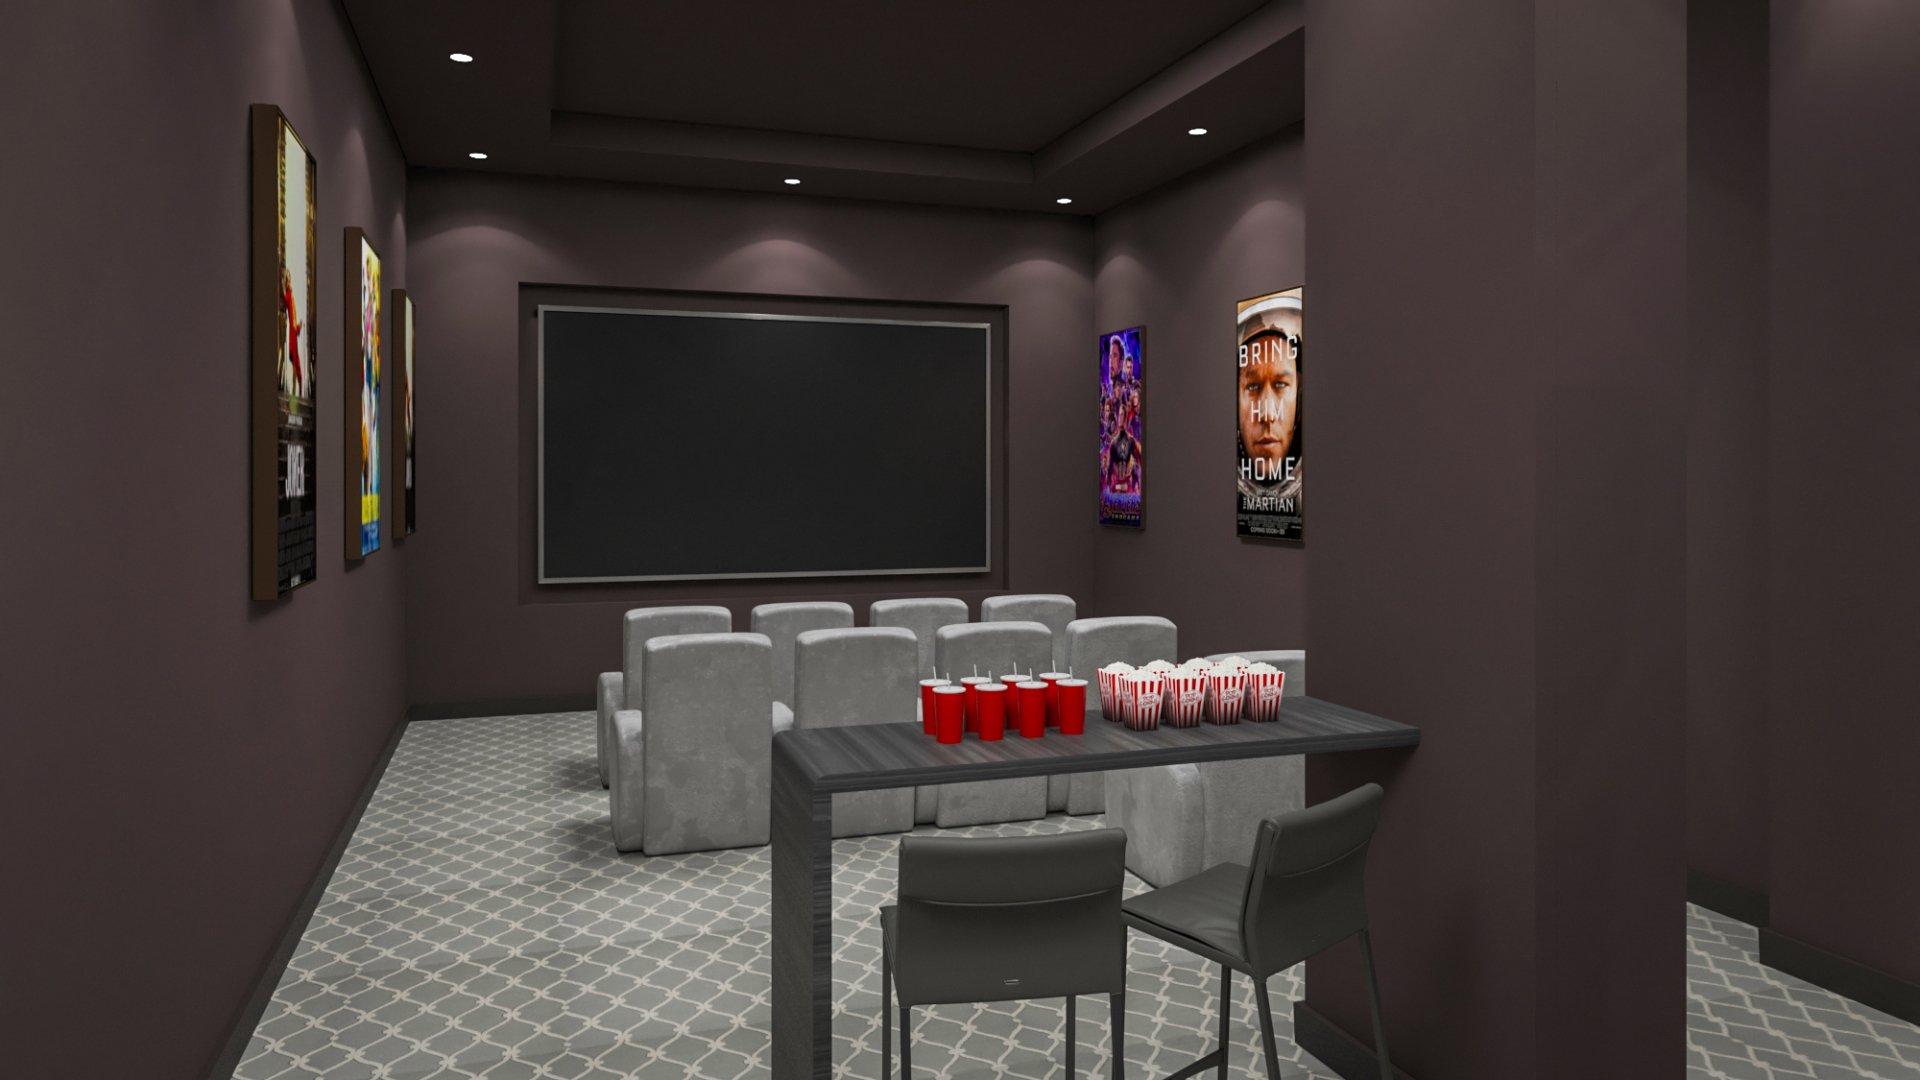 nahid kennedy - media room